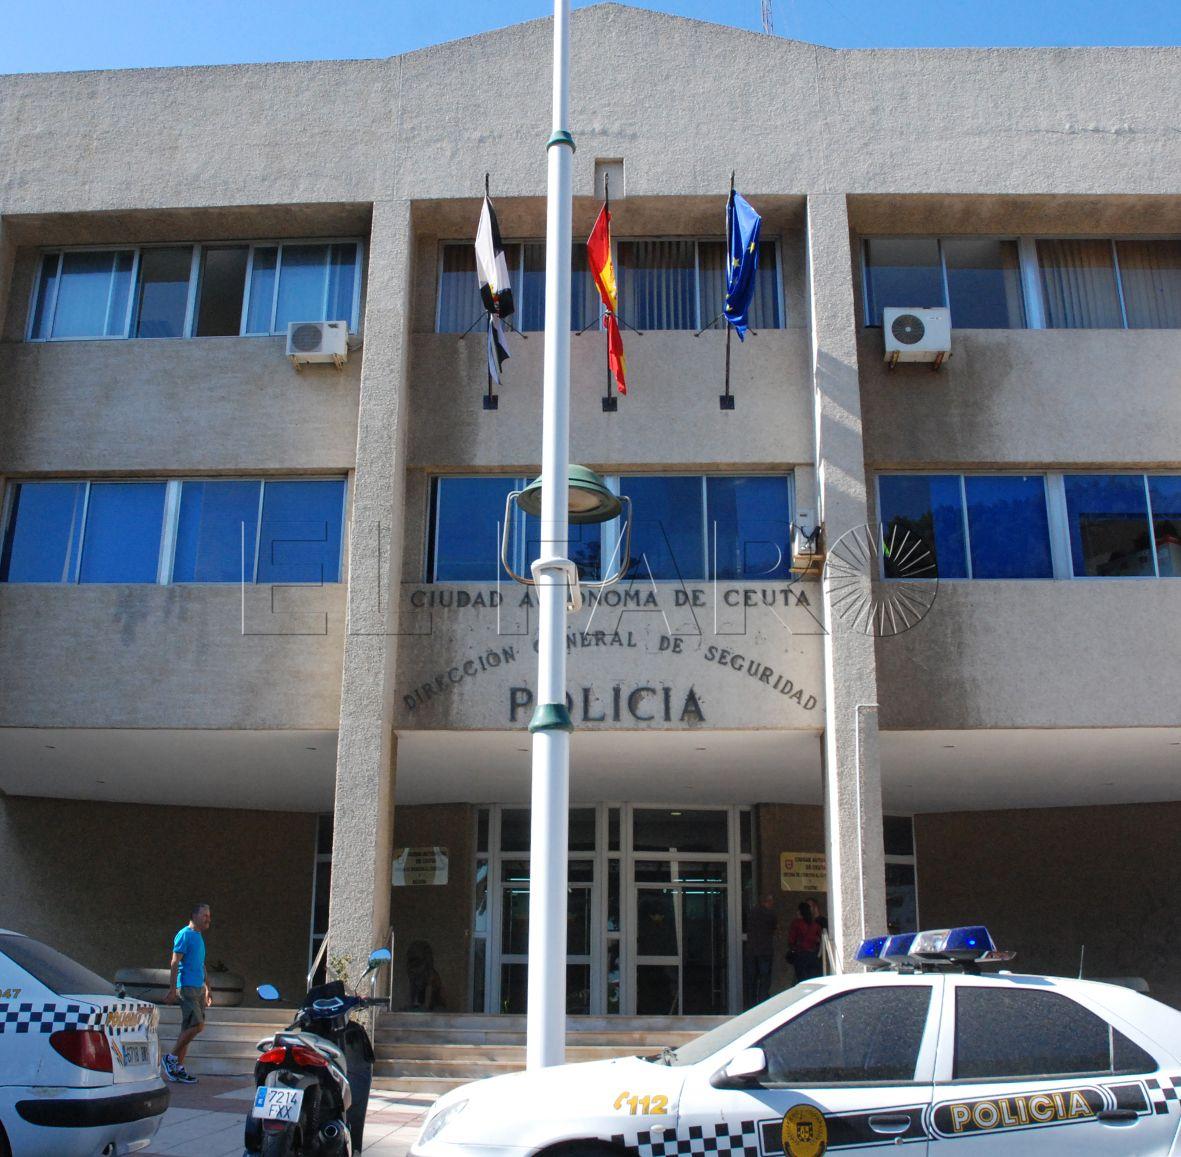 El tribunal calificador publica la lista de aspirantes aprobados para la provisión de plazas de la Policía Local